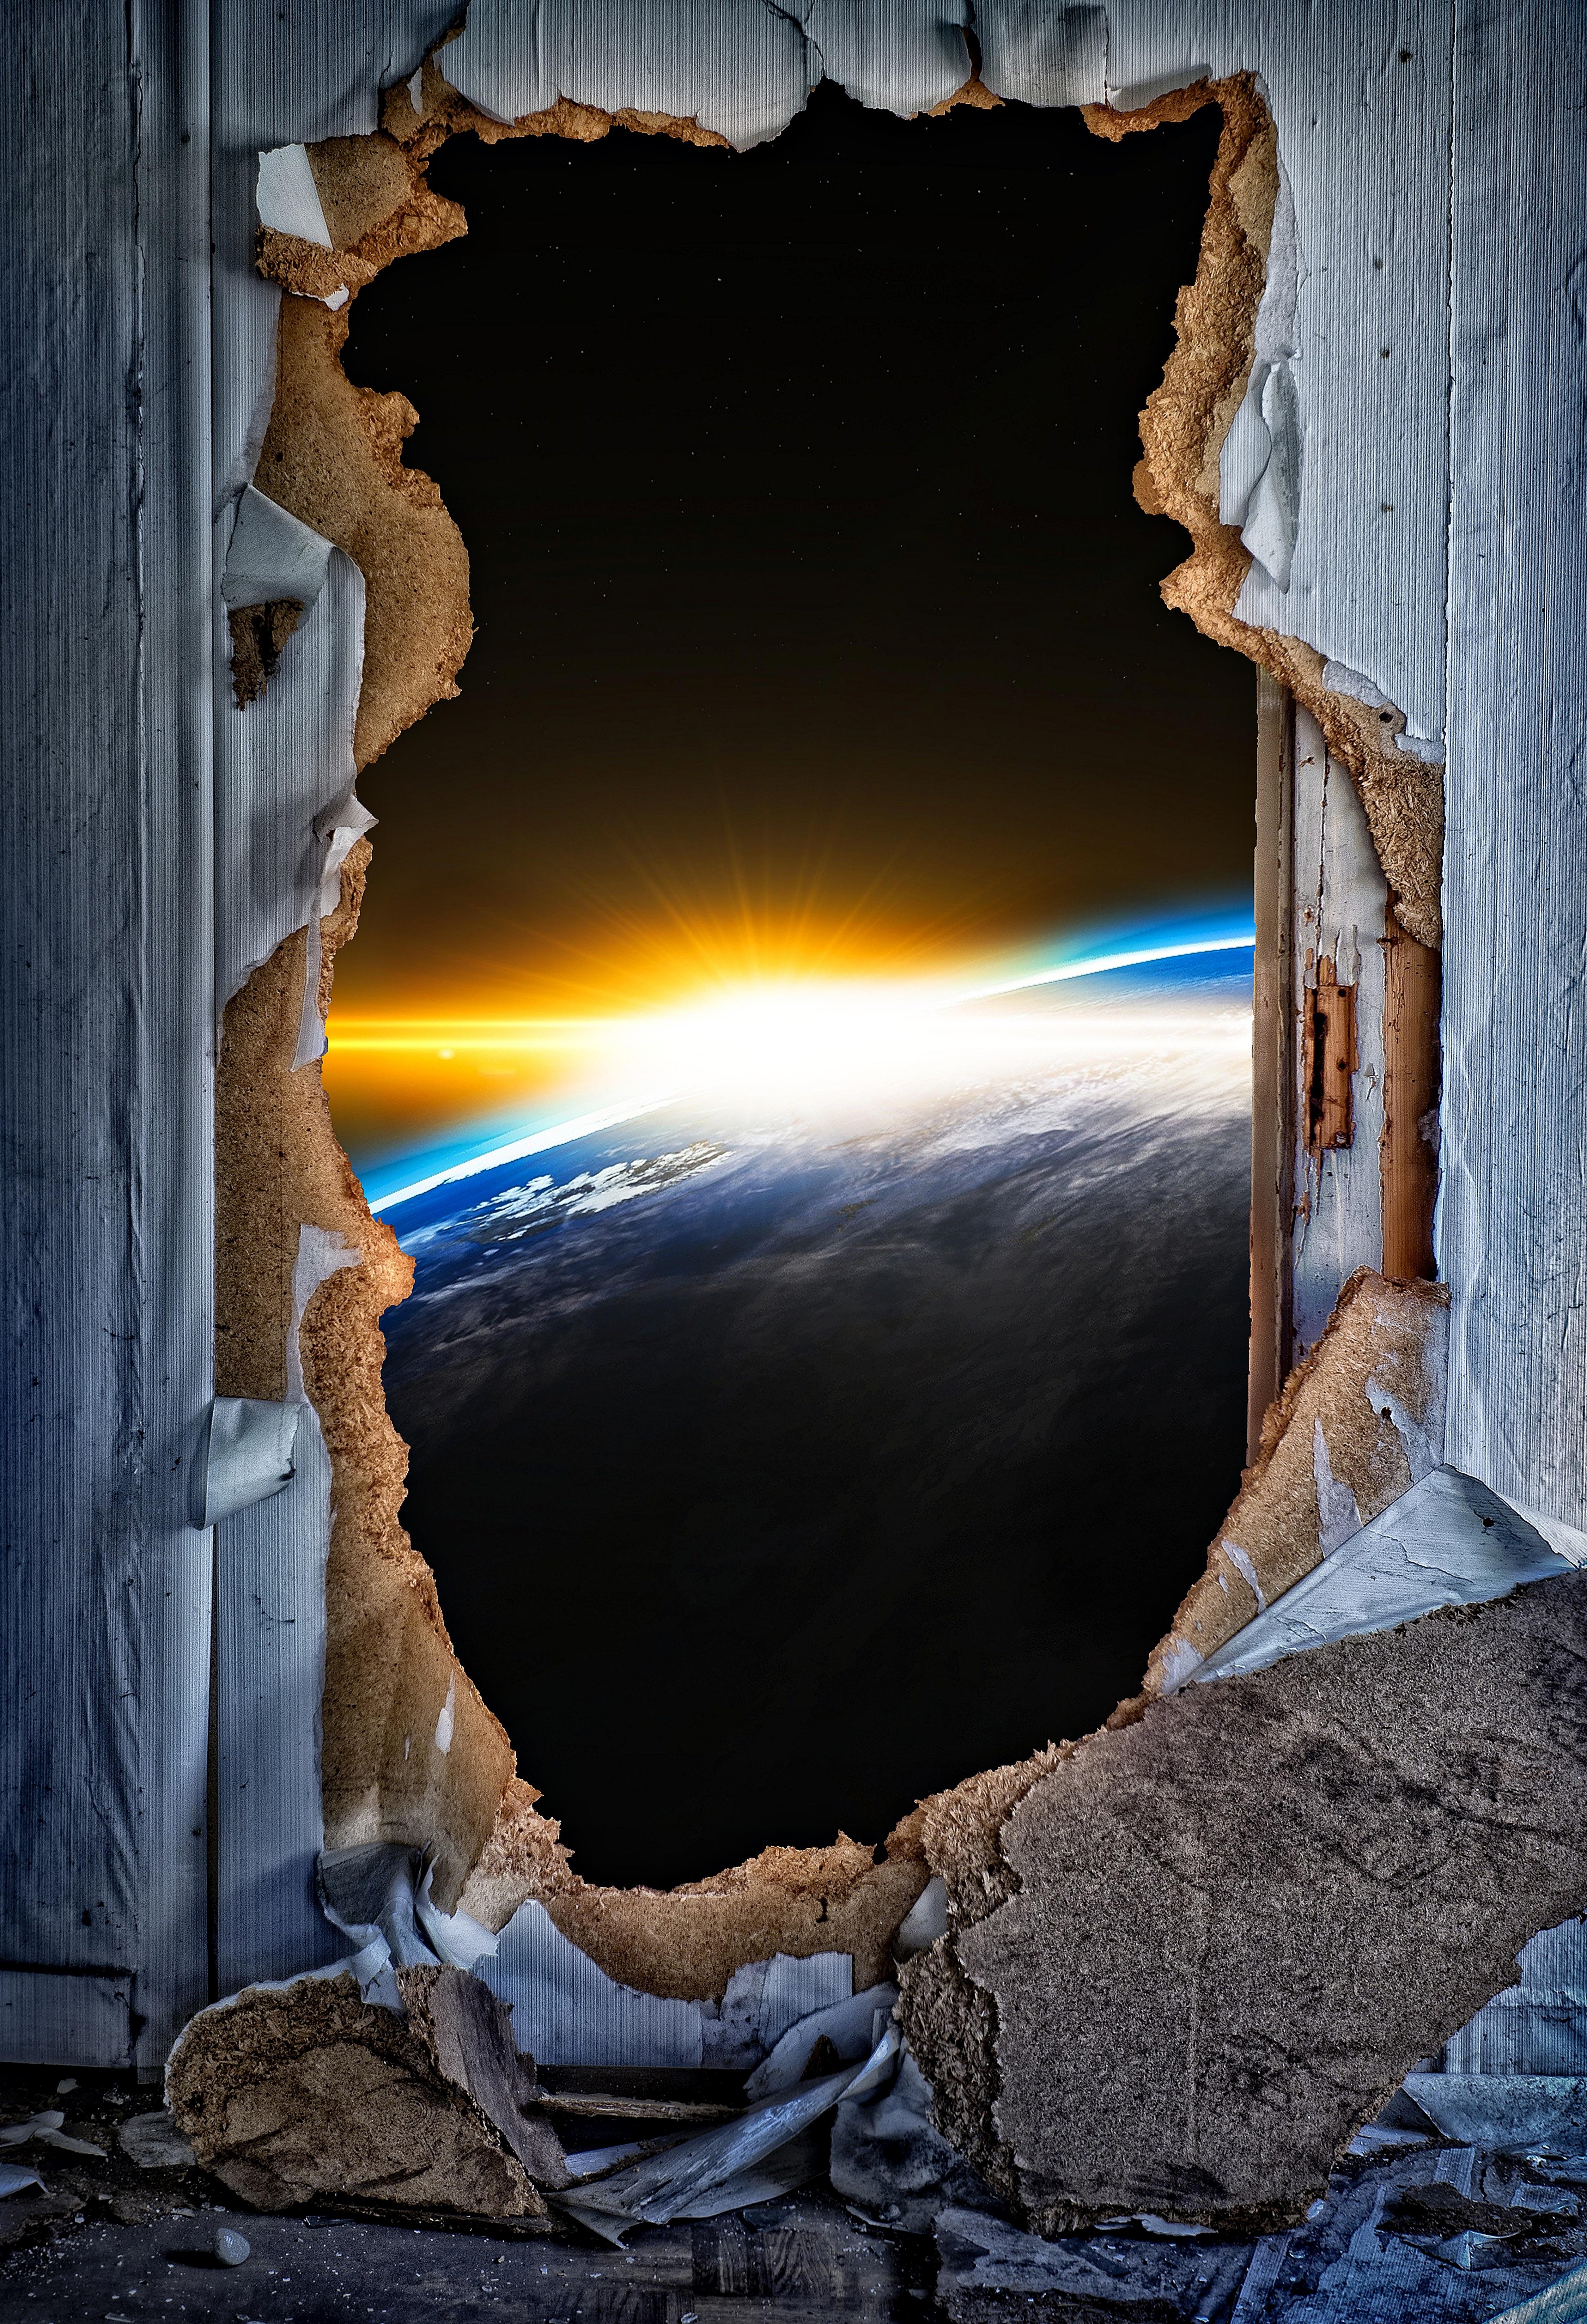 141409 Заставки и Обои Космос на телефон. Скачать Космос, Разное, Сияние, Вспышка, Вид, Дверь картинки бесплатно